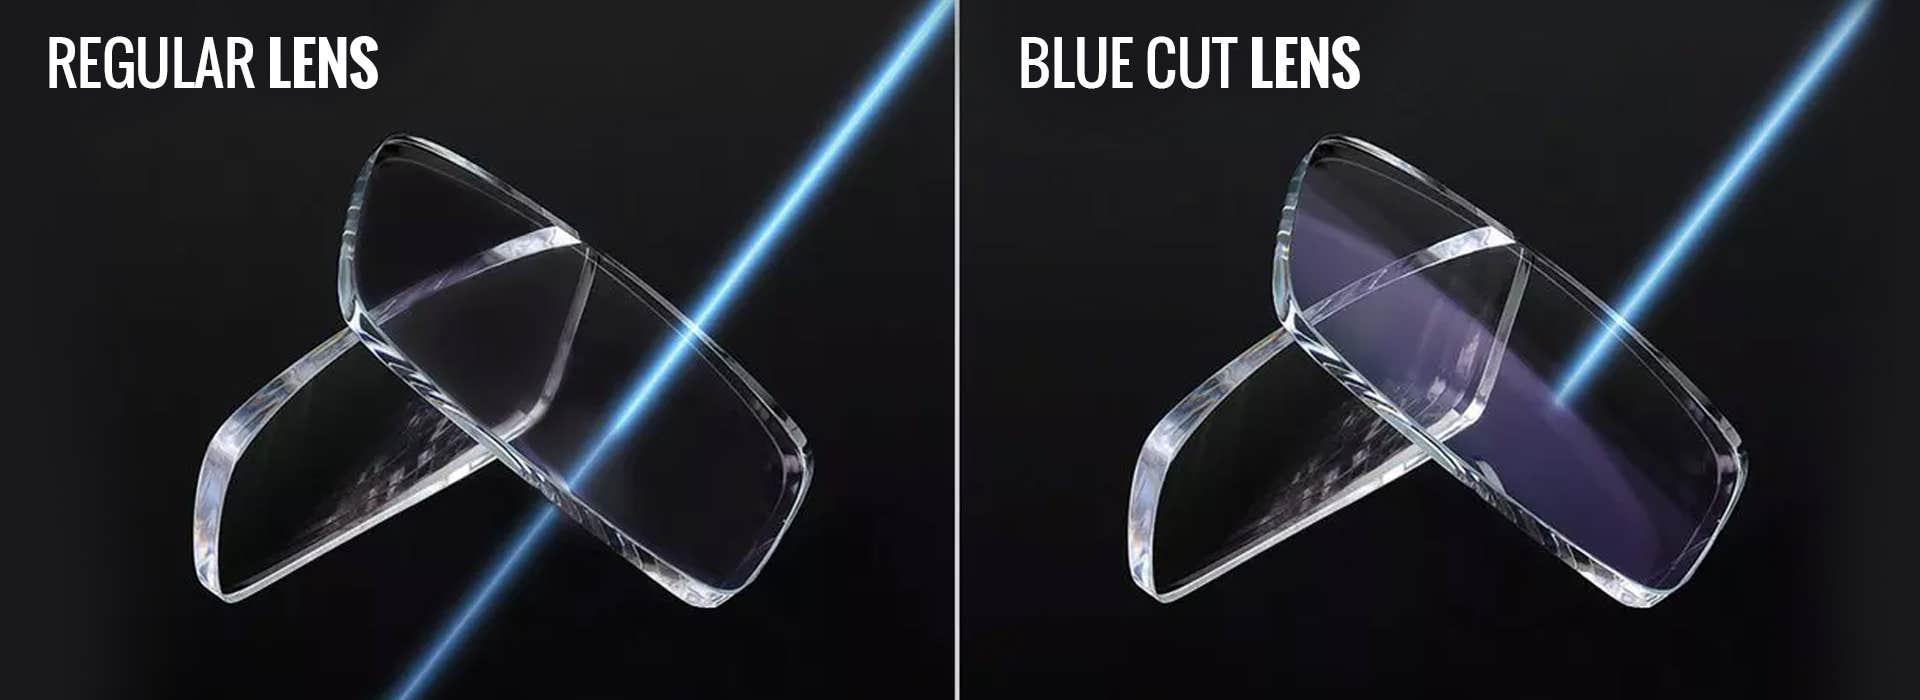 Blue Cut Lenses at Goggles4U UK